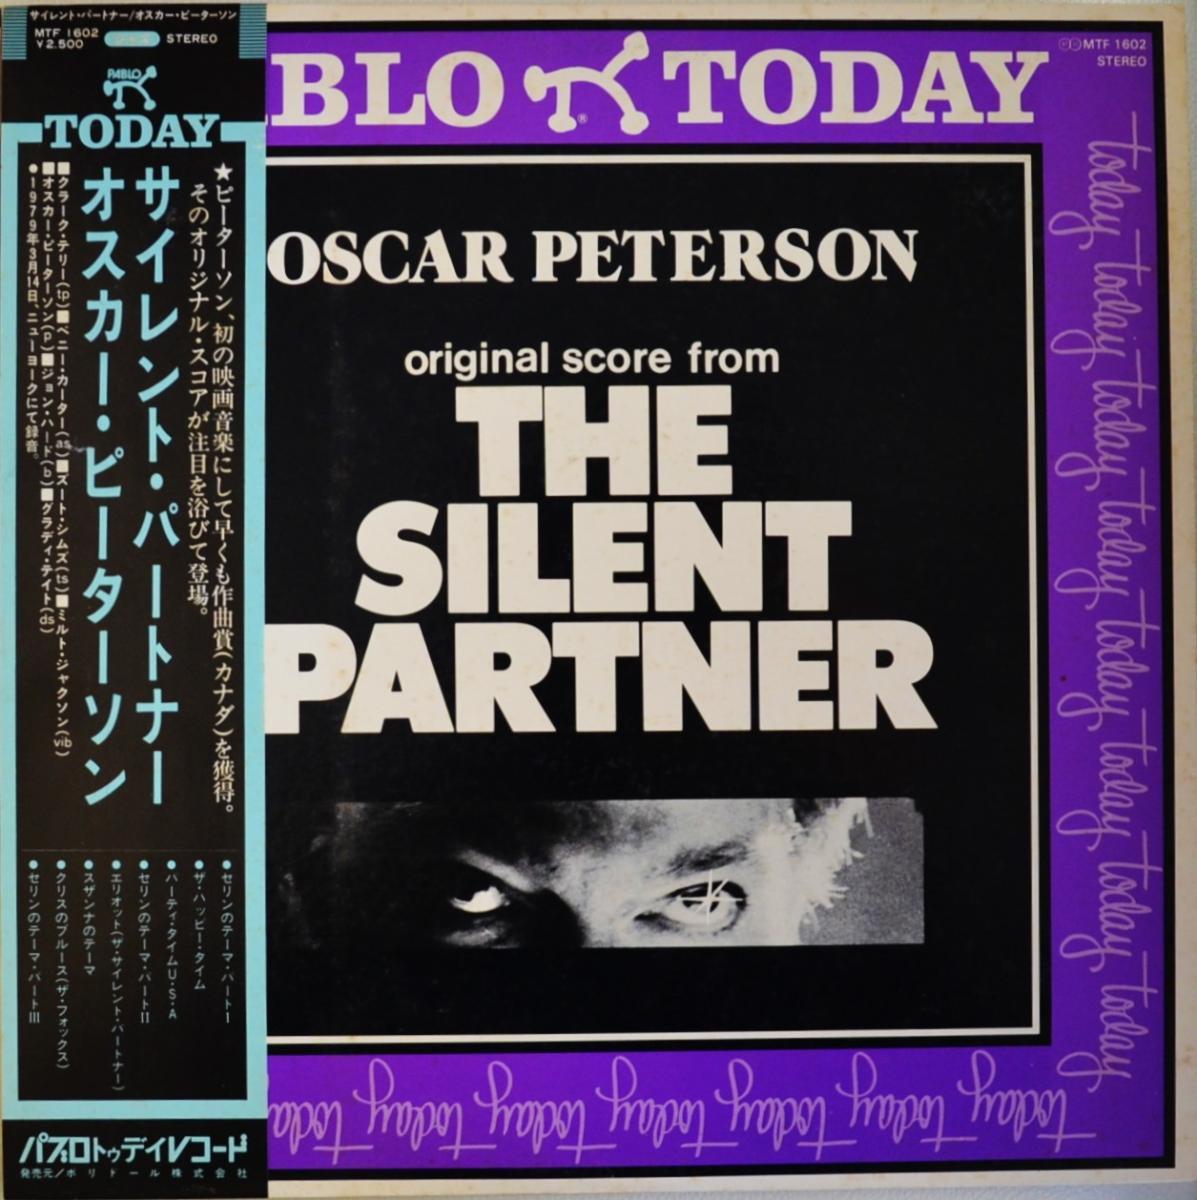 オスカー・ピーターソン OSCAR PETERSON / サイレント・パートナー THE SILENT PARTNER (LP)